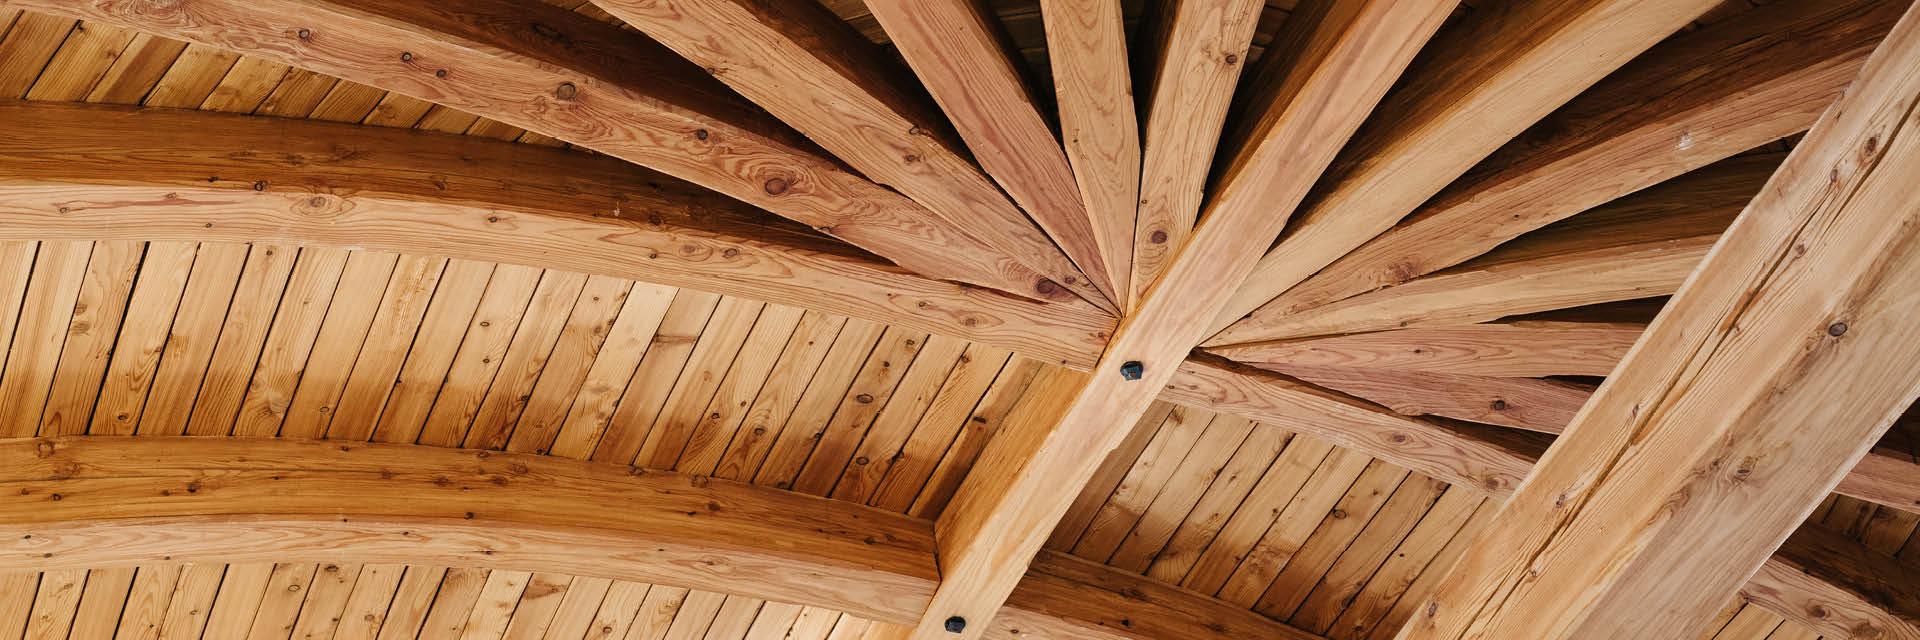 Die Vorteile von Massivholz-Möbeln